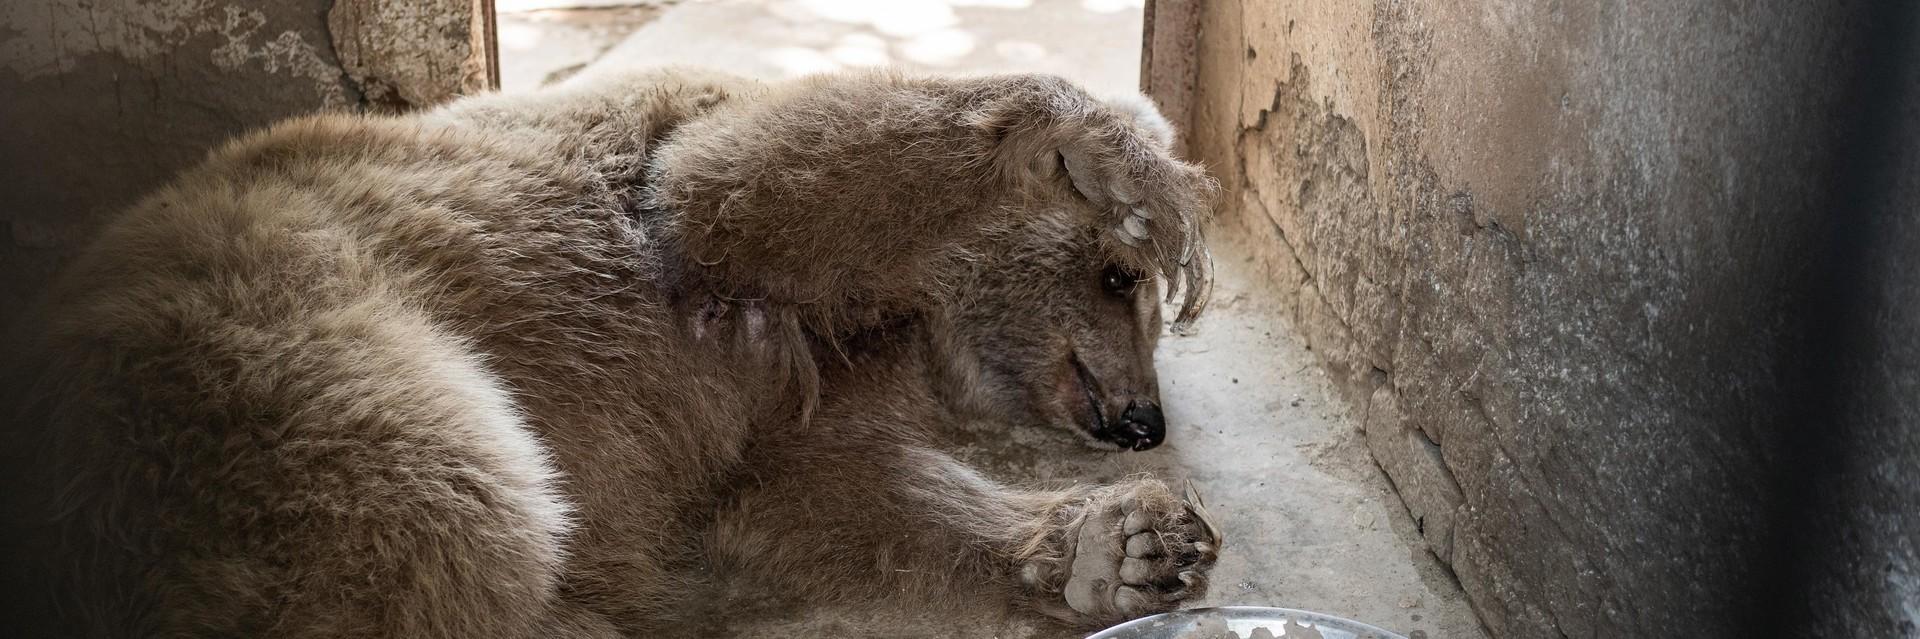 Ein verwahrloster Bär liegt in seinem Käfig